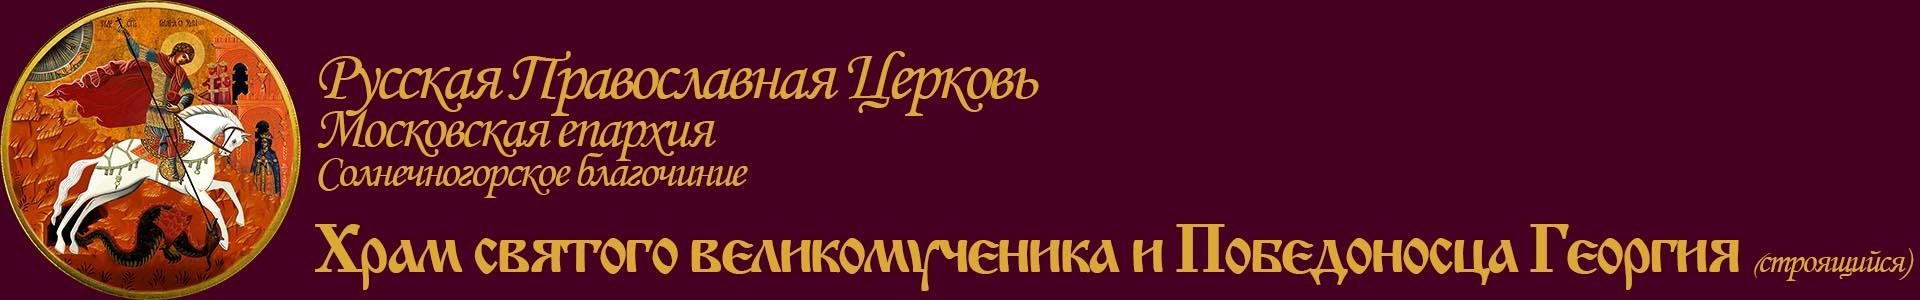 Русская Православная Церковь, Московская епархия, Солнечногорское благочиние. Храм святого великомученика и Победоносца Георгия